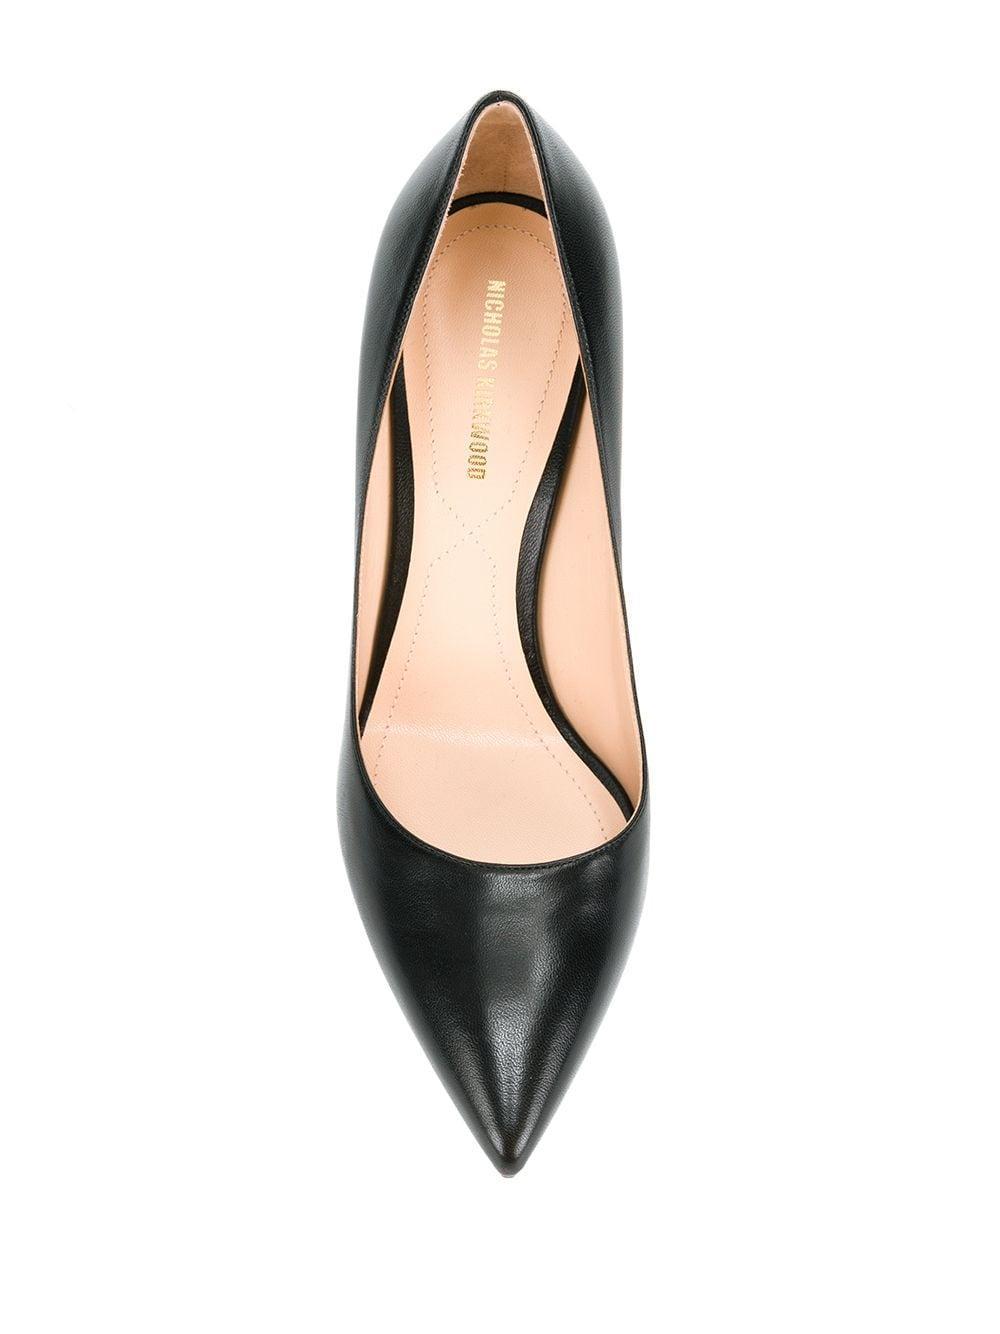 Zapatos de tacón con perla Mira Nicholas Kirkwood de Cuero de color Negro